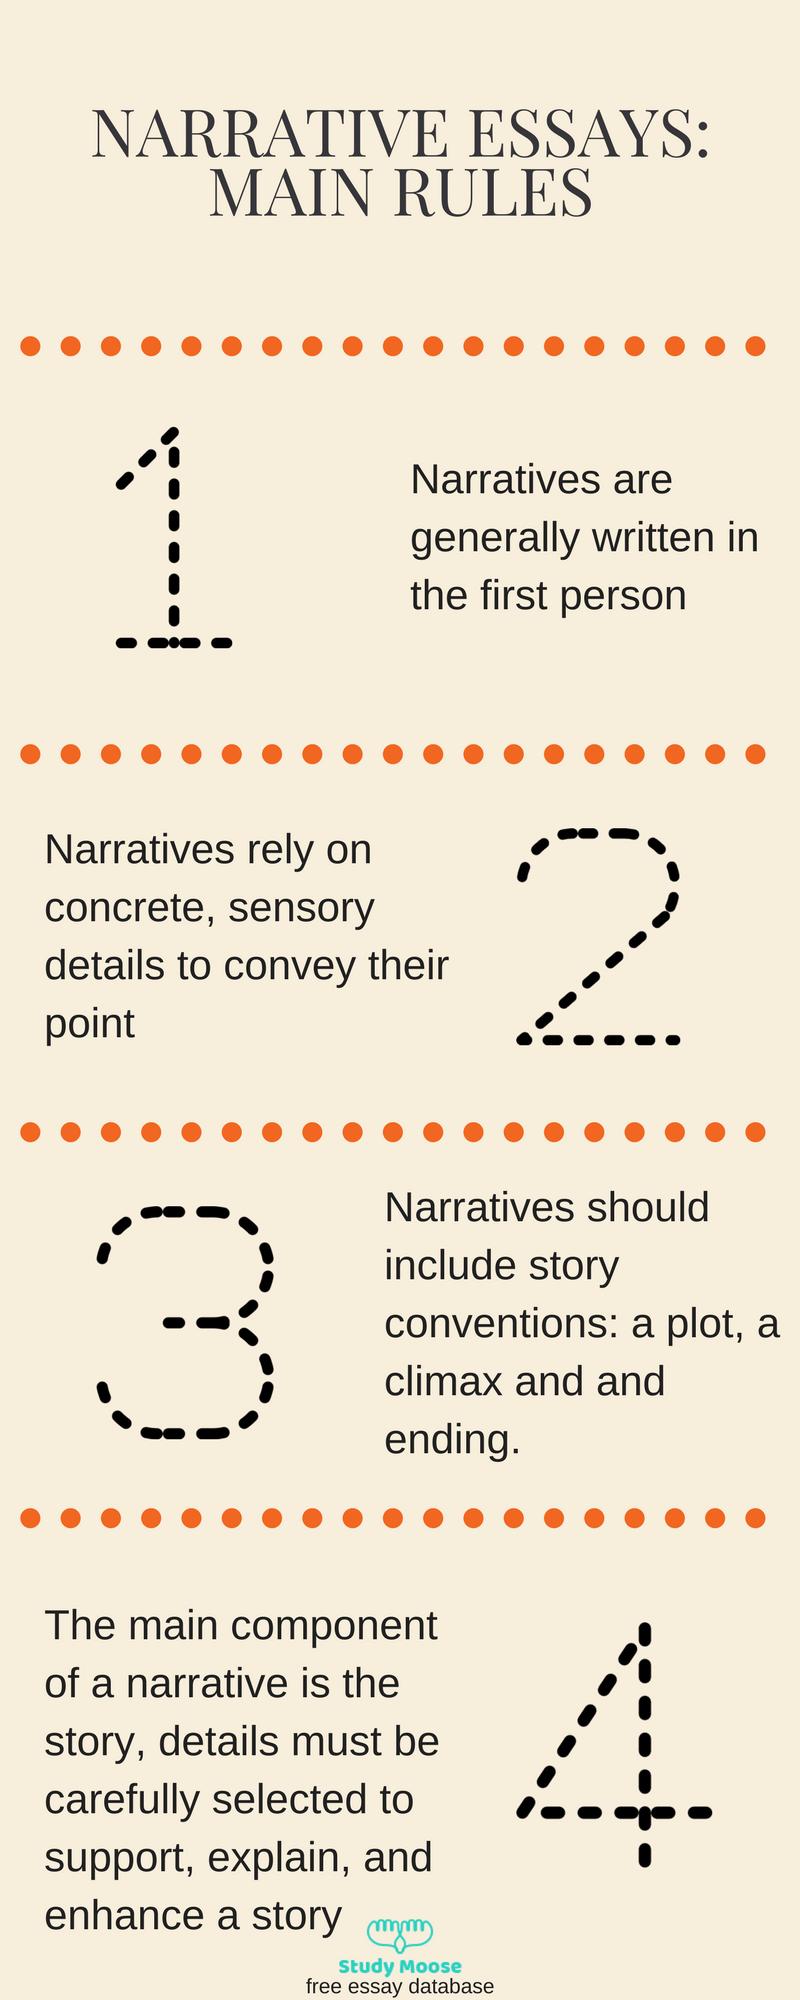 a narrative essay